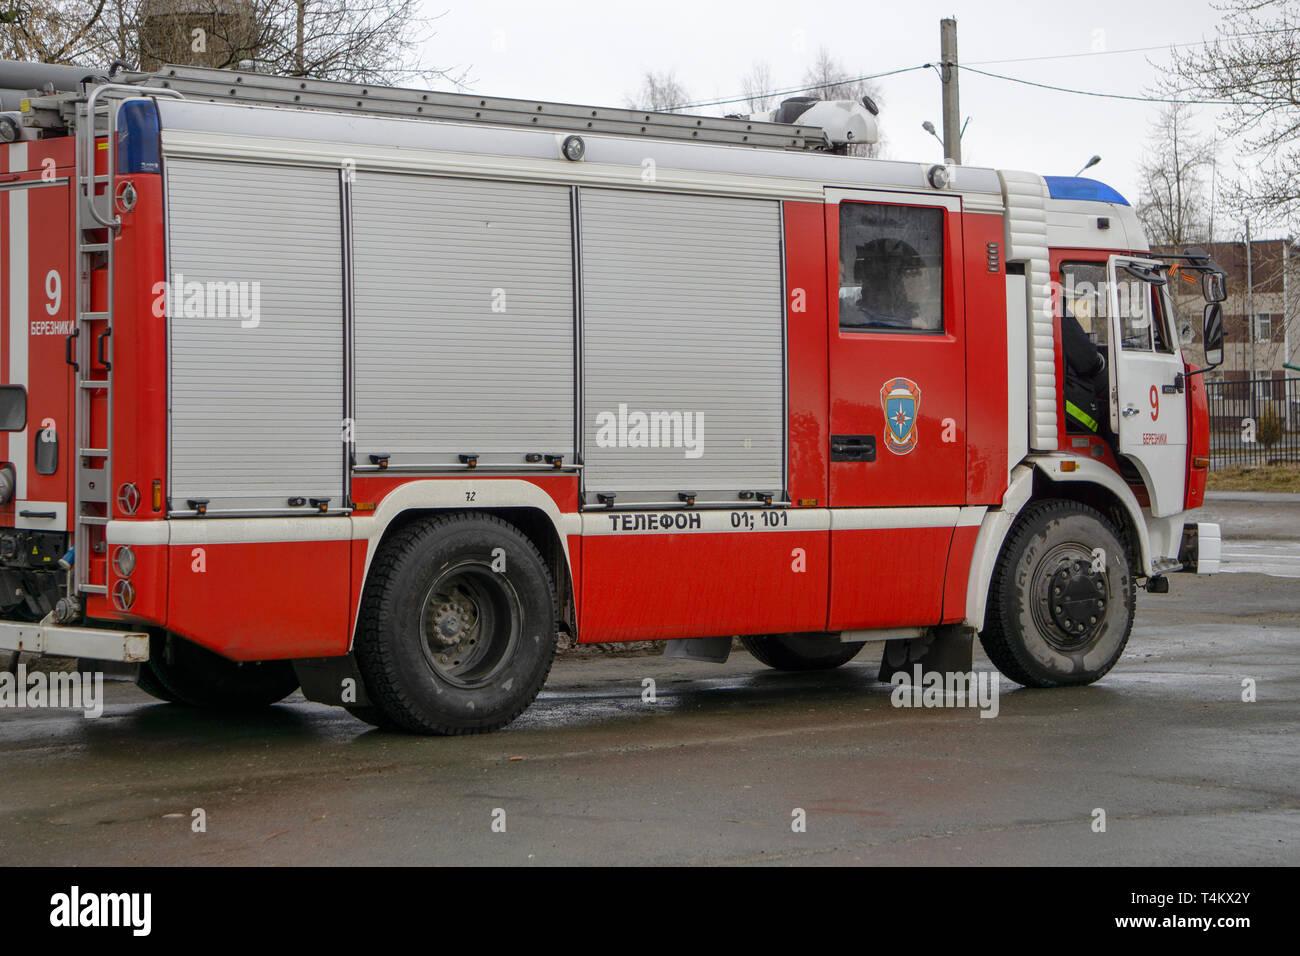 Vordere Nahaufnahme Einer Feuerwehr Feuerwehr Lkw Stockfoto